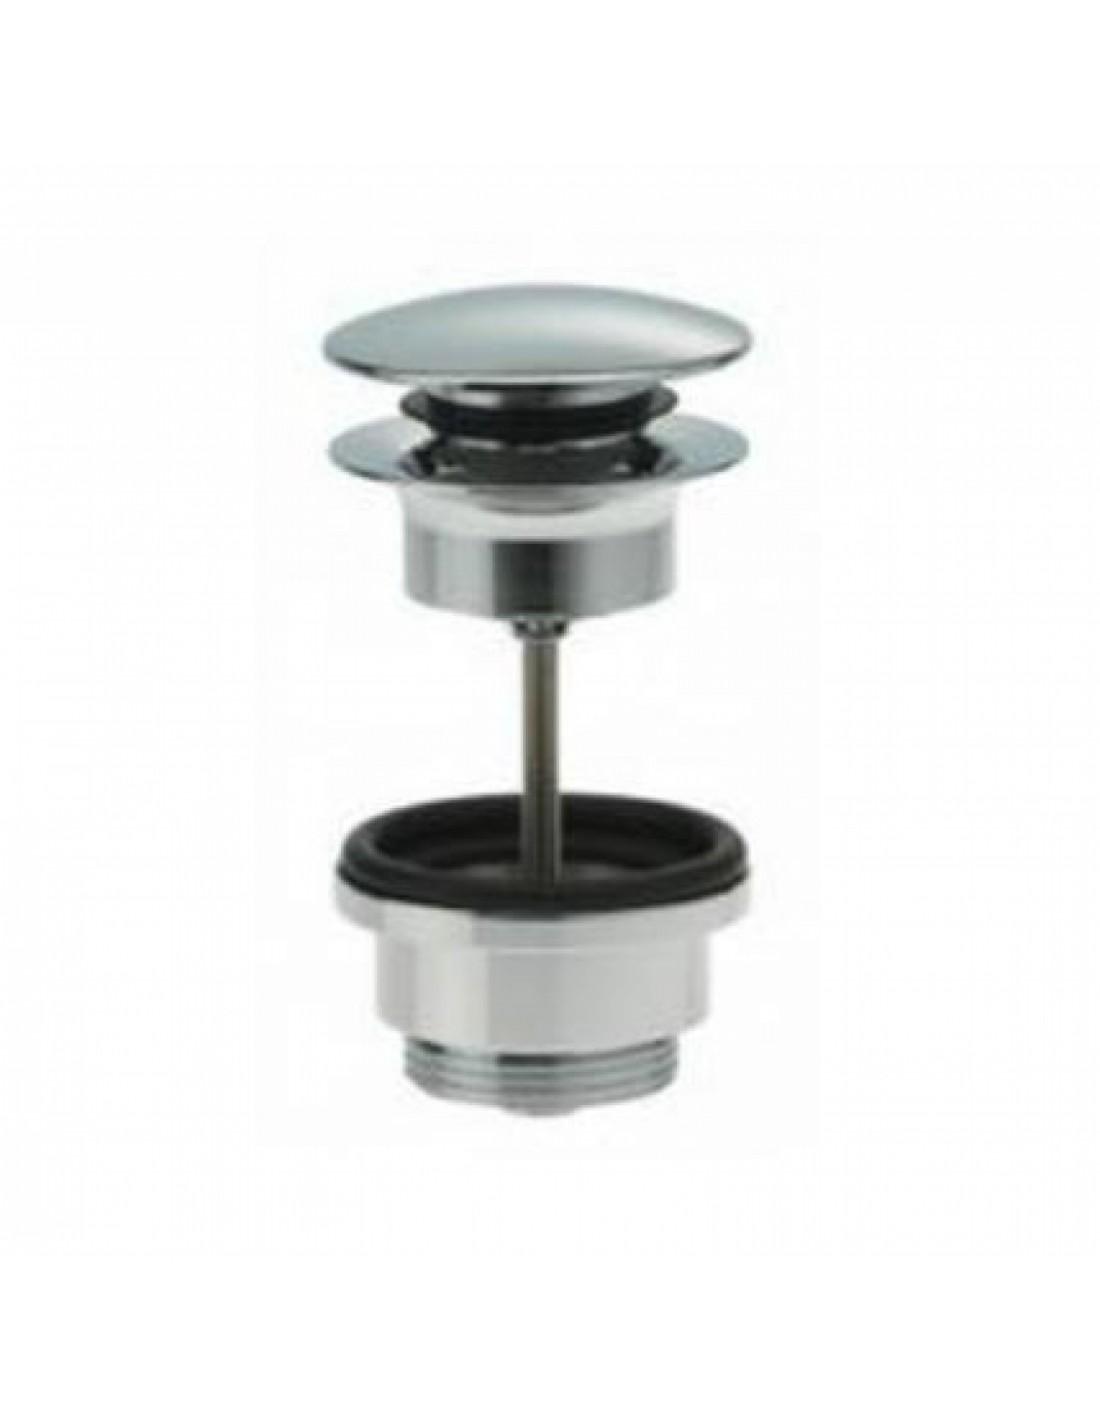 Lampe exterieur sans fil 15 bonde clic clac for Lampe exterieure sans fil